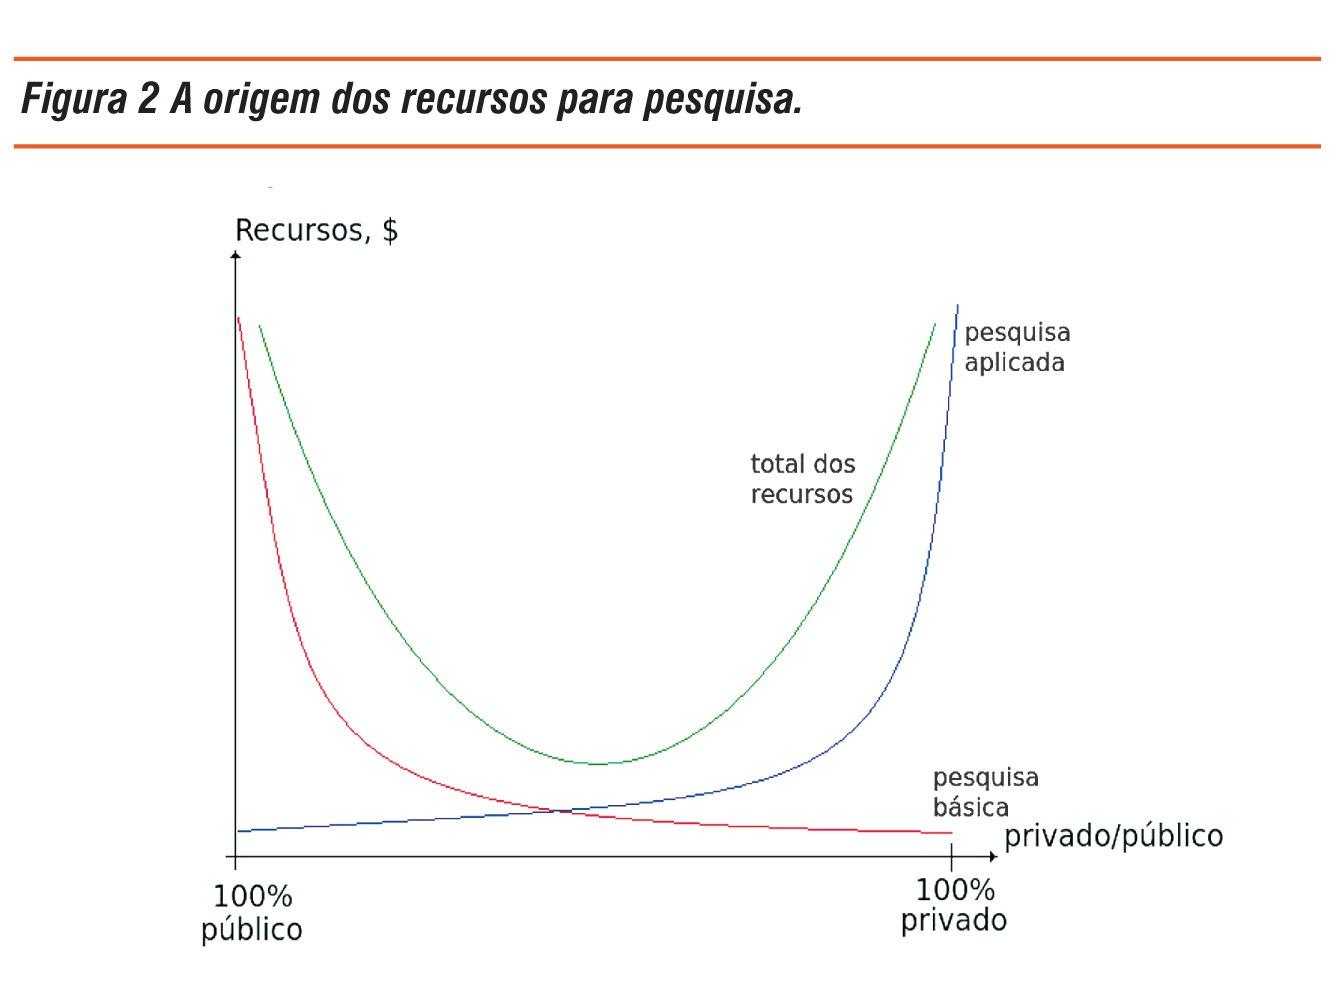 Química e Derivados - A origem dos recursos para pesquisa. ©QD Foto: Divulgação